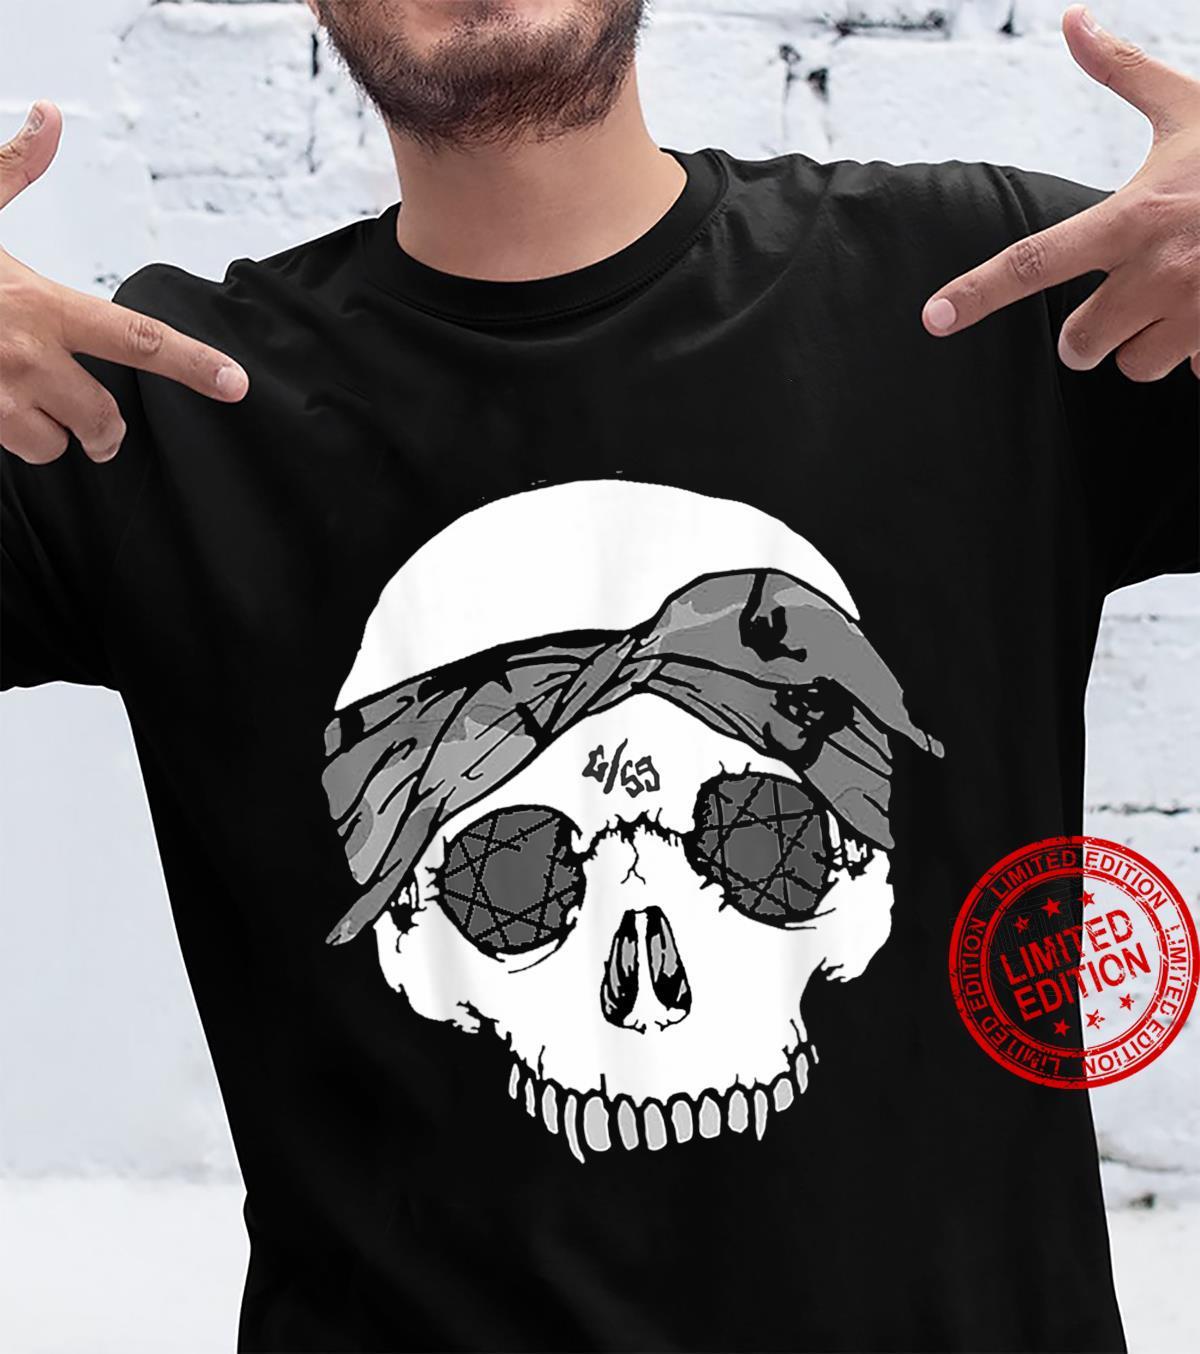 G59 Shirt